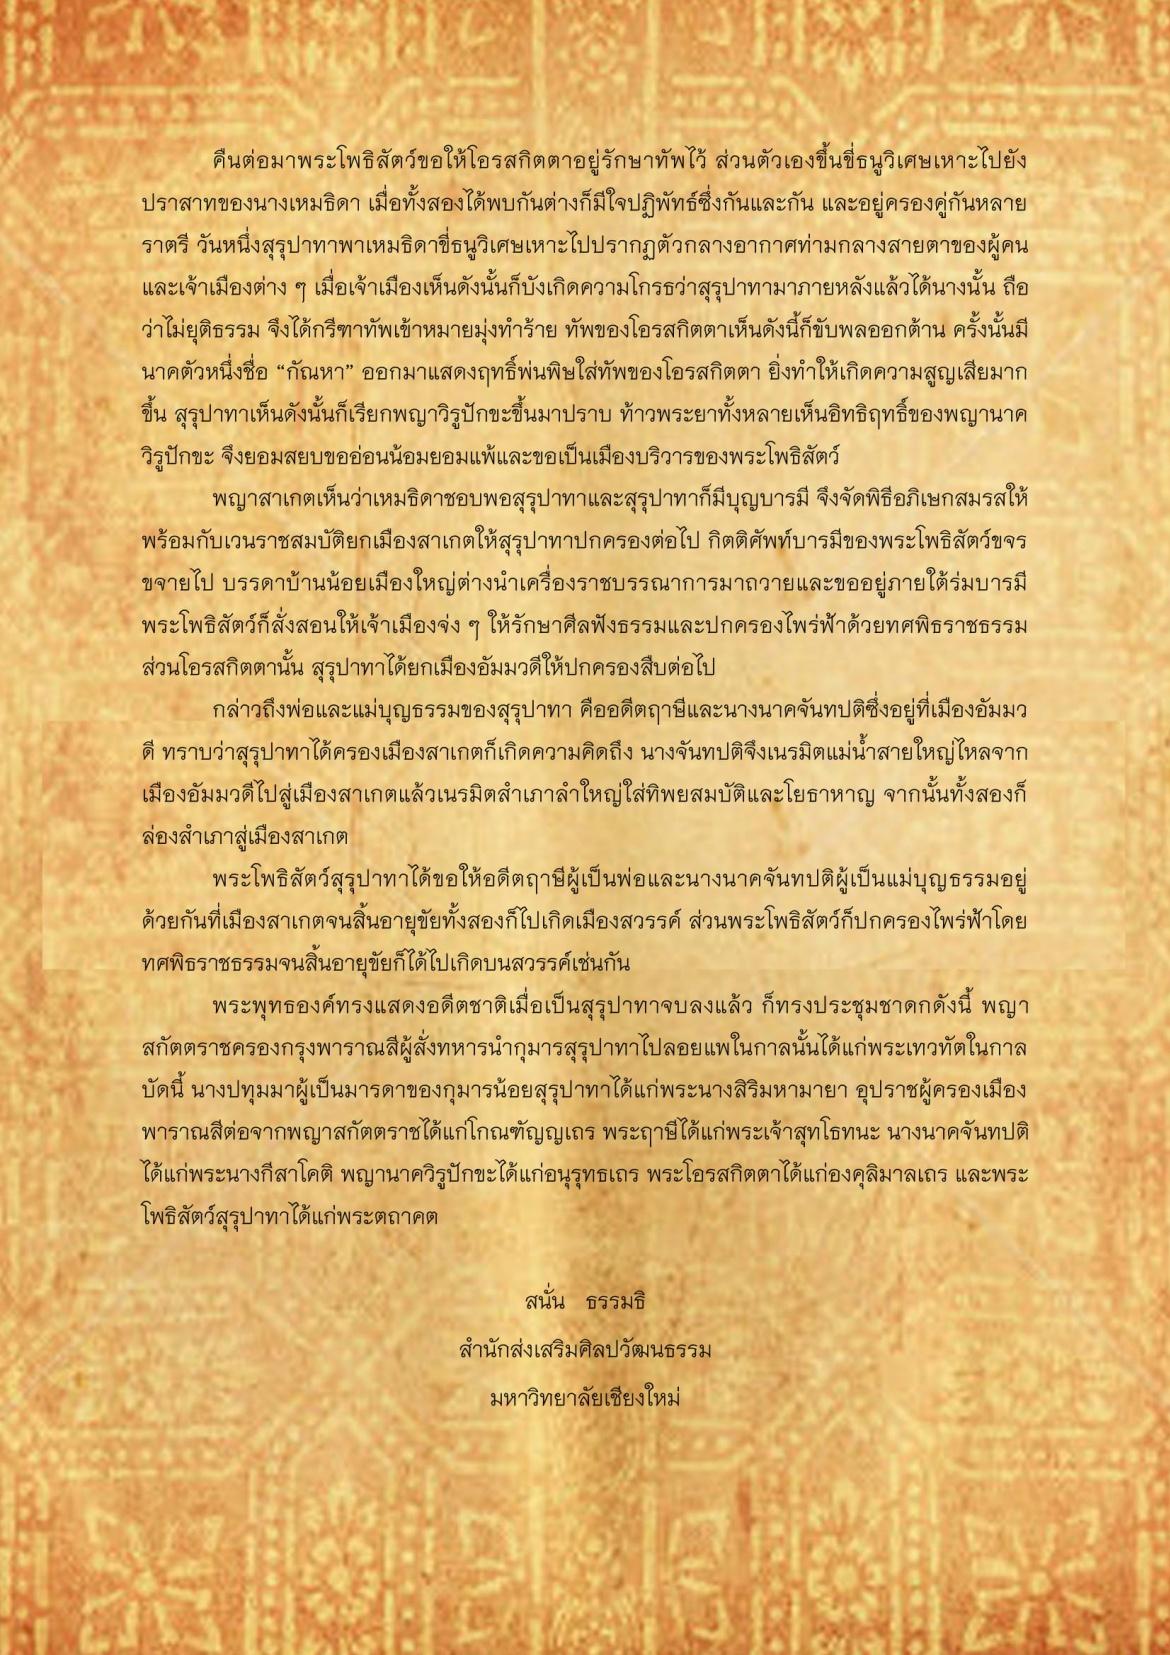 สุรุปาทา(2) - 15 พฤษภาคม 2560